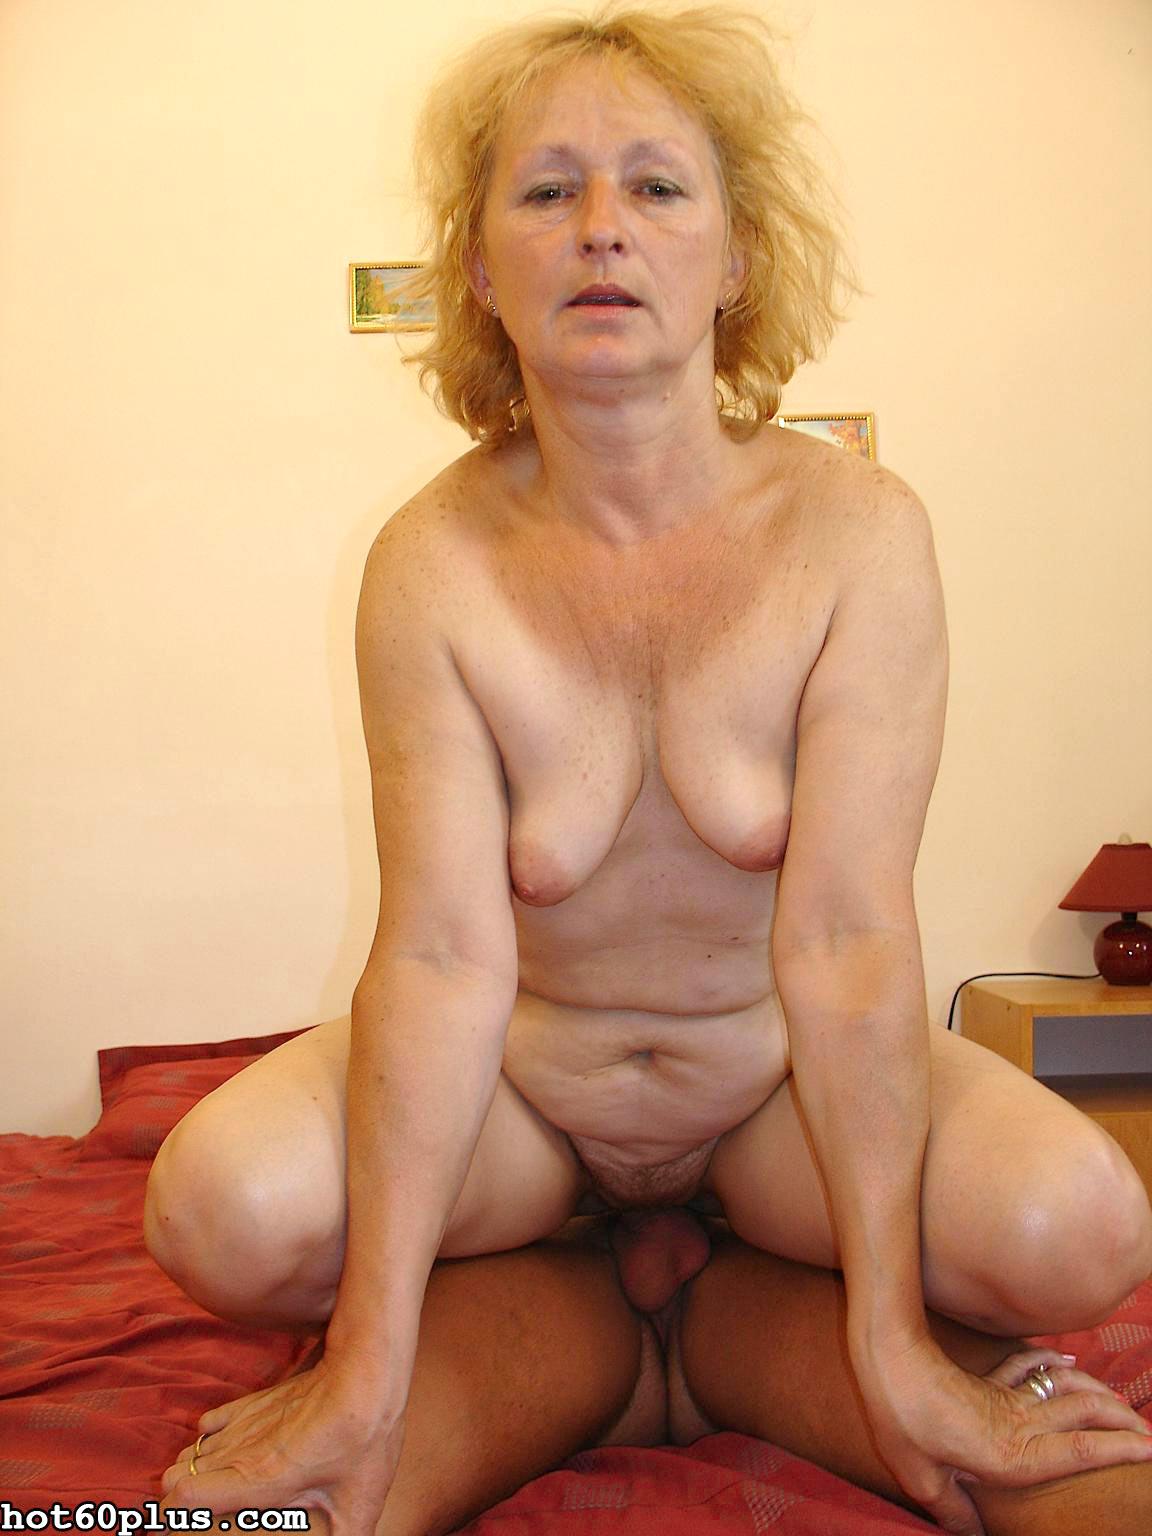 Снимки про инцест с матушкой. Фото - 8